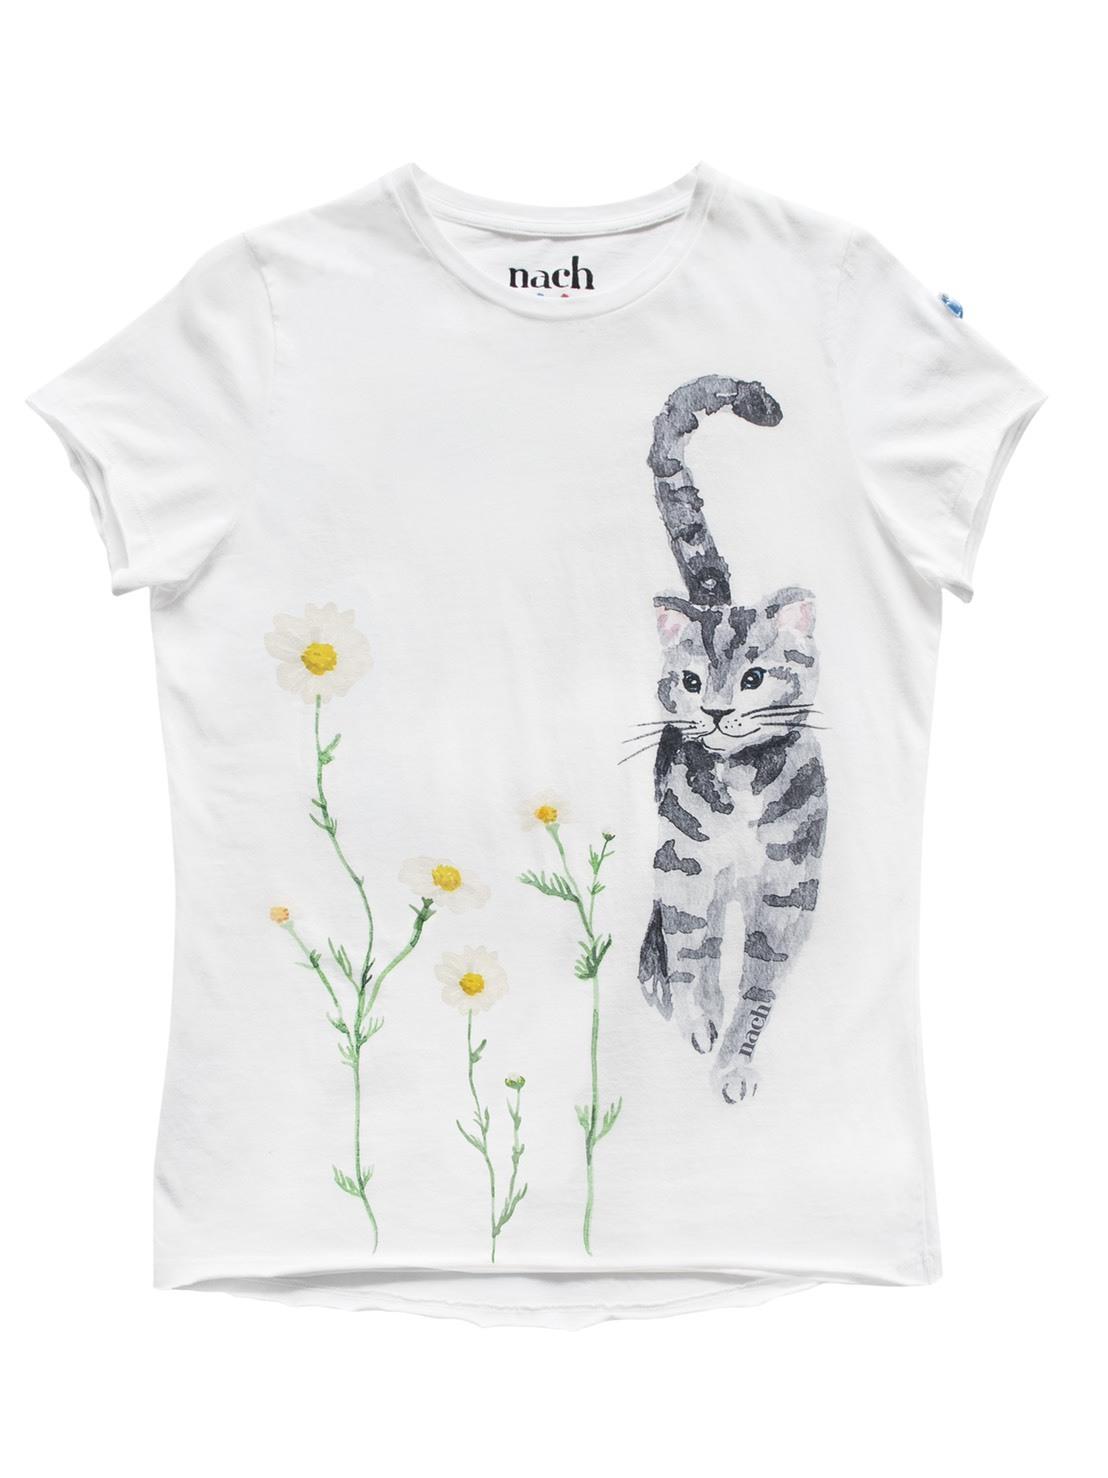 ナッシュ Tシャツ グレー猫 丸首